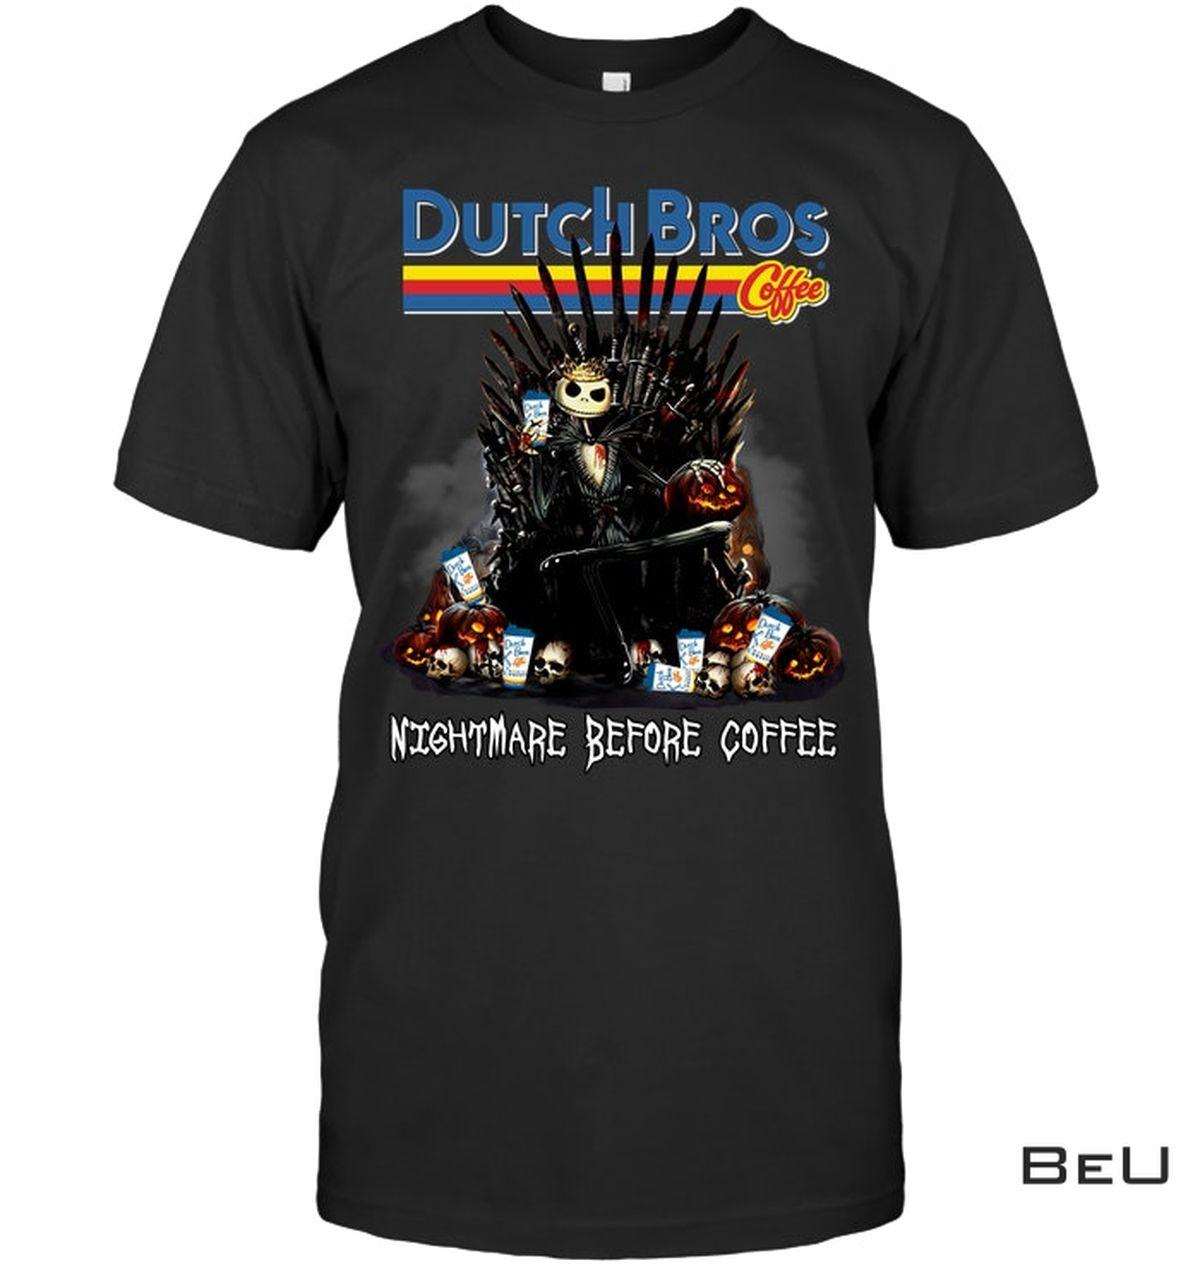 Dutch Bros Nightmare Before Coffee Jack Skellington Shirt, hoodie